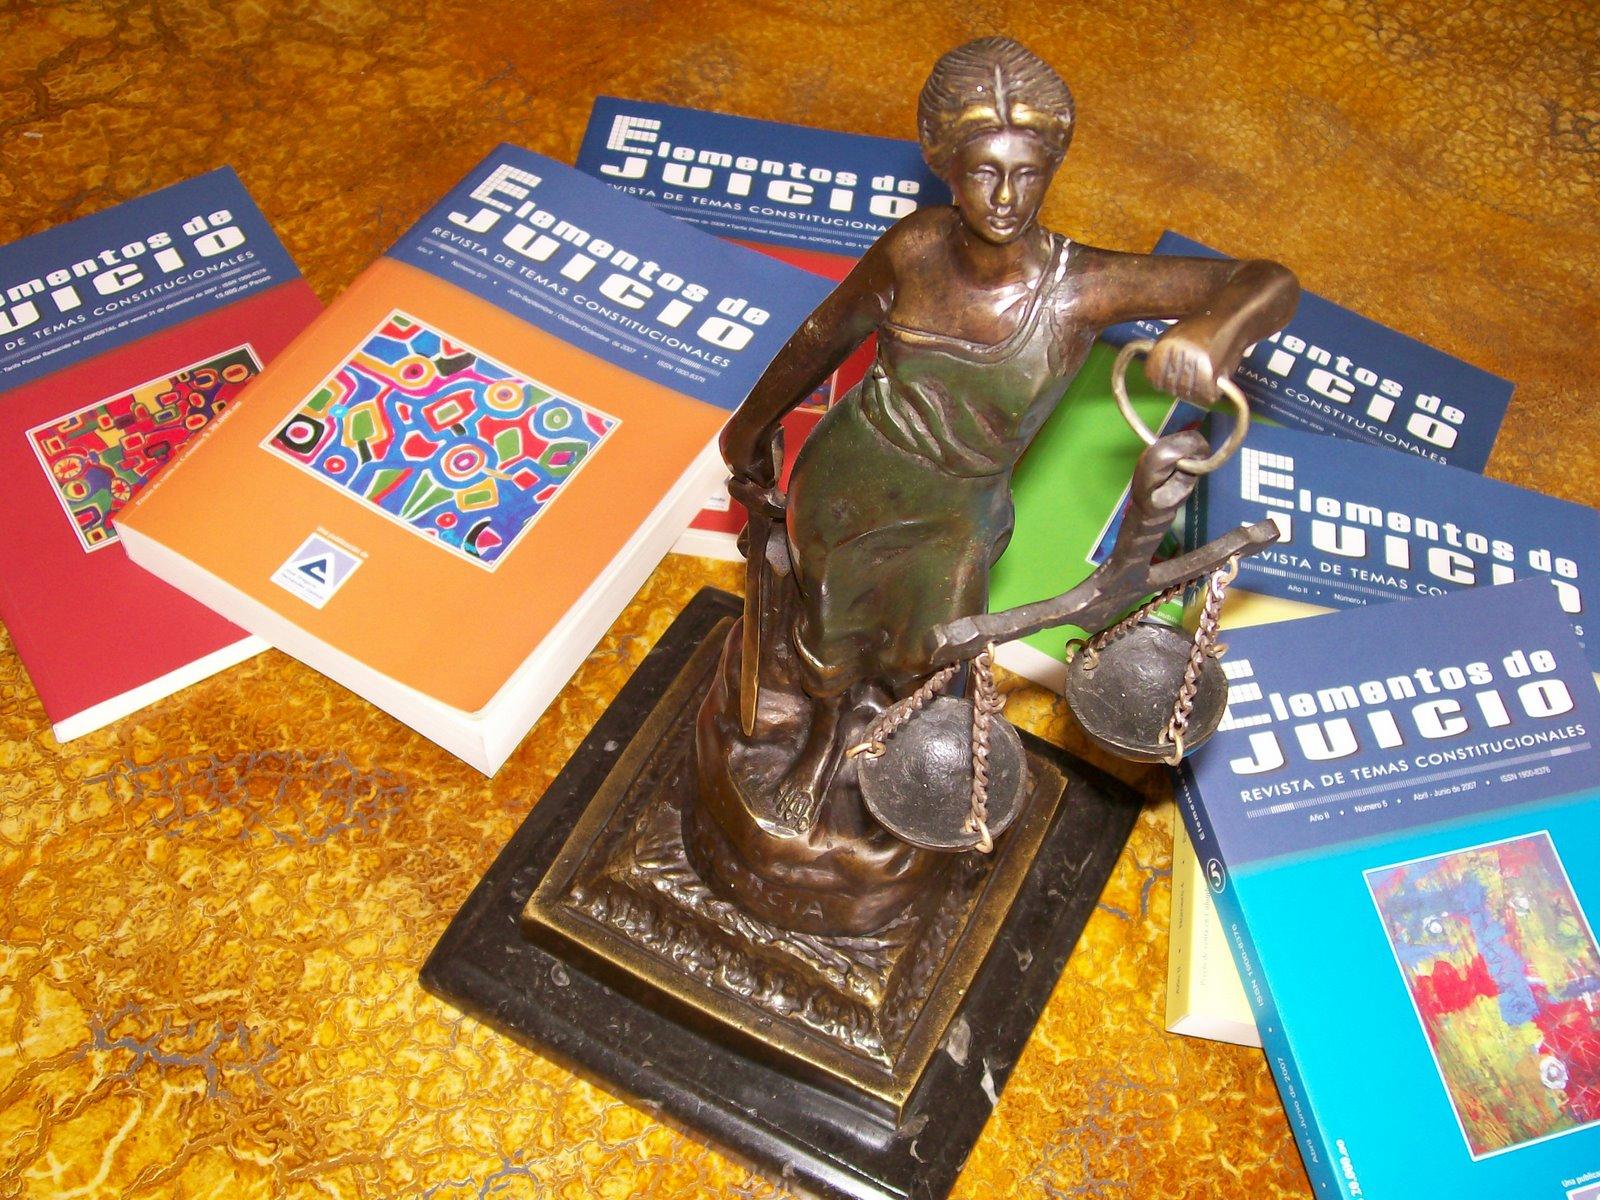 LEA ELEMENTOS DE JUICIO - Revista de temas constitucionales-